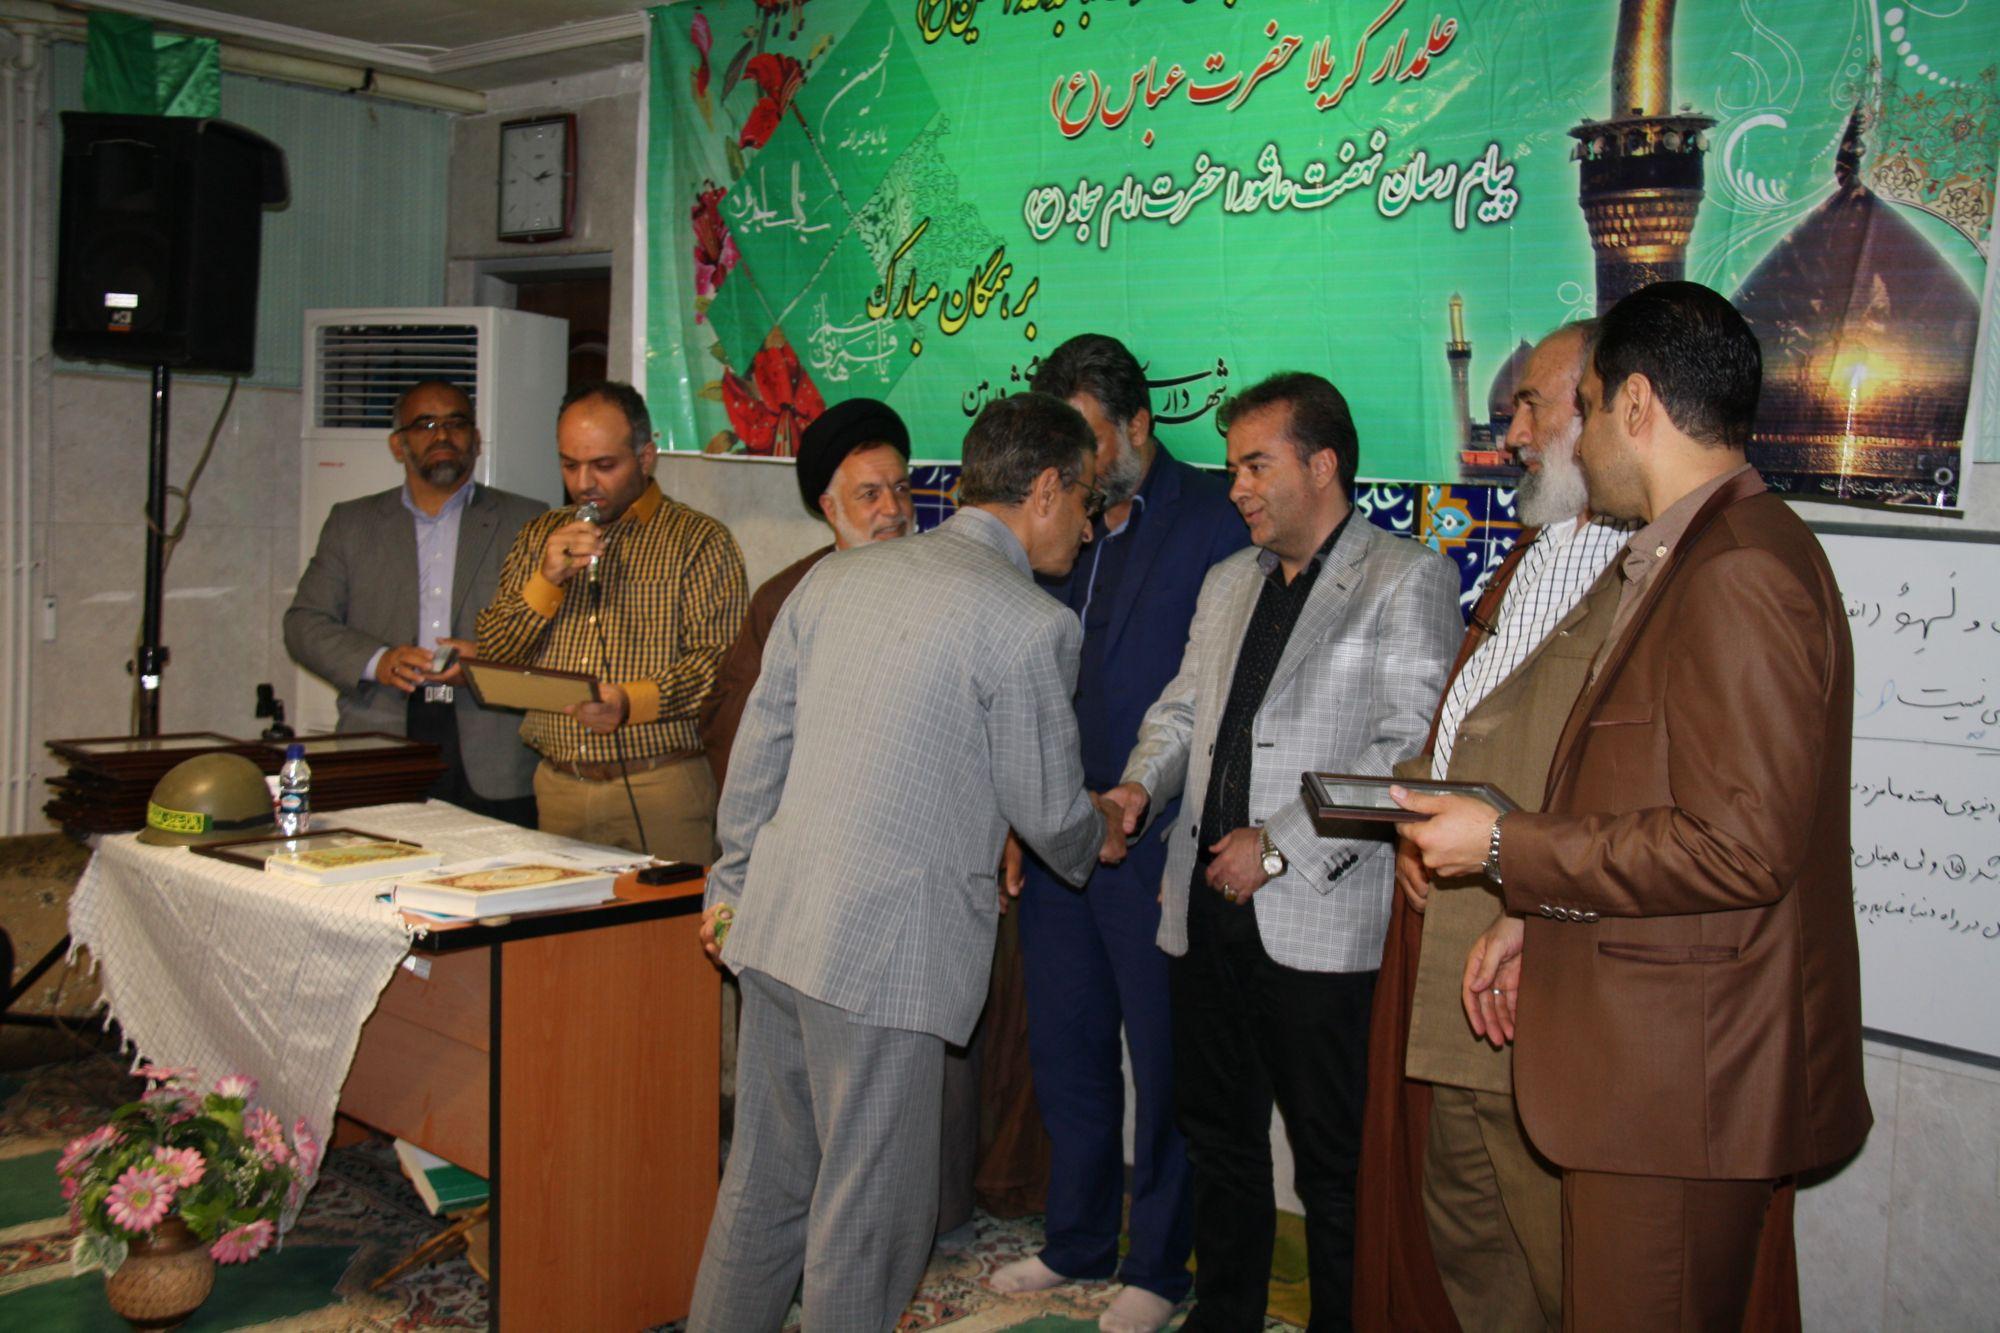 گزارش تصویری مراسم تجلیل ازایثارگران وجانبازان شهرداری ورامین